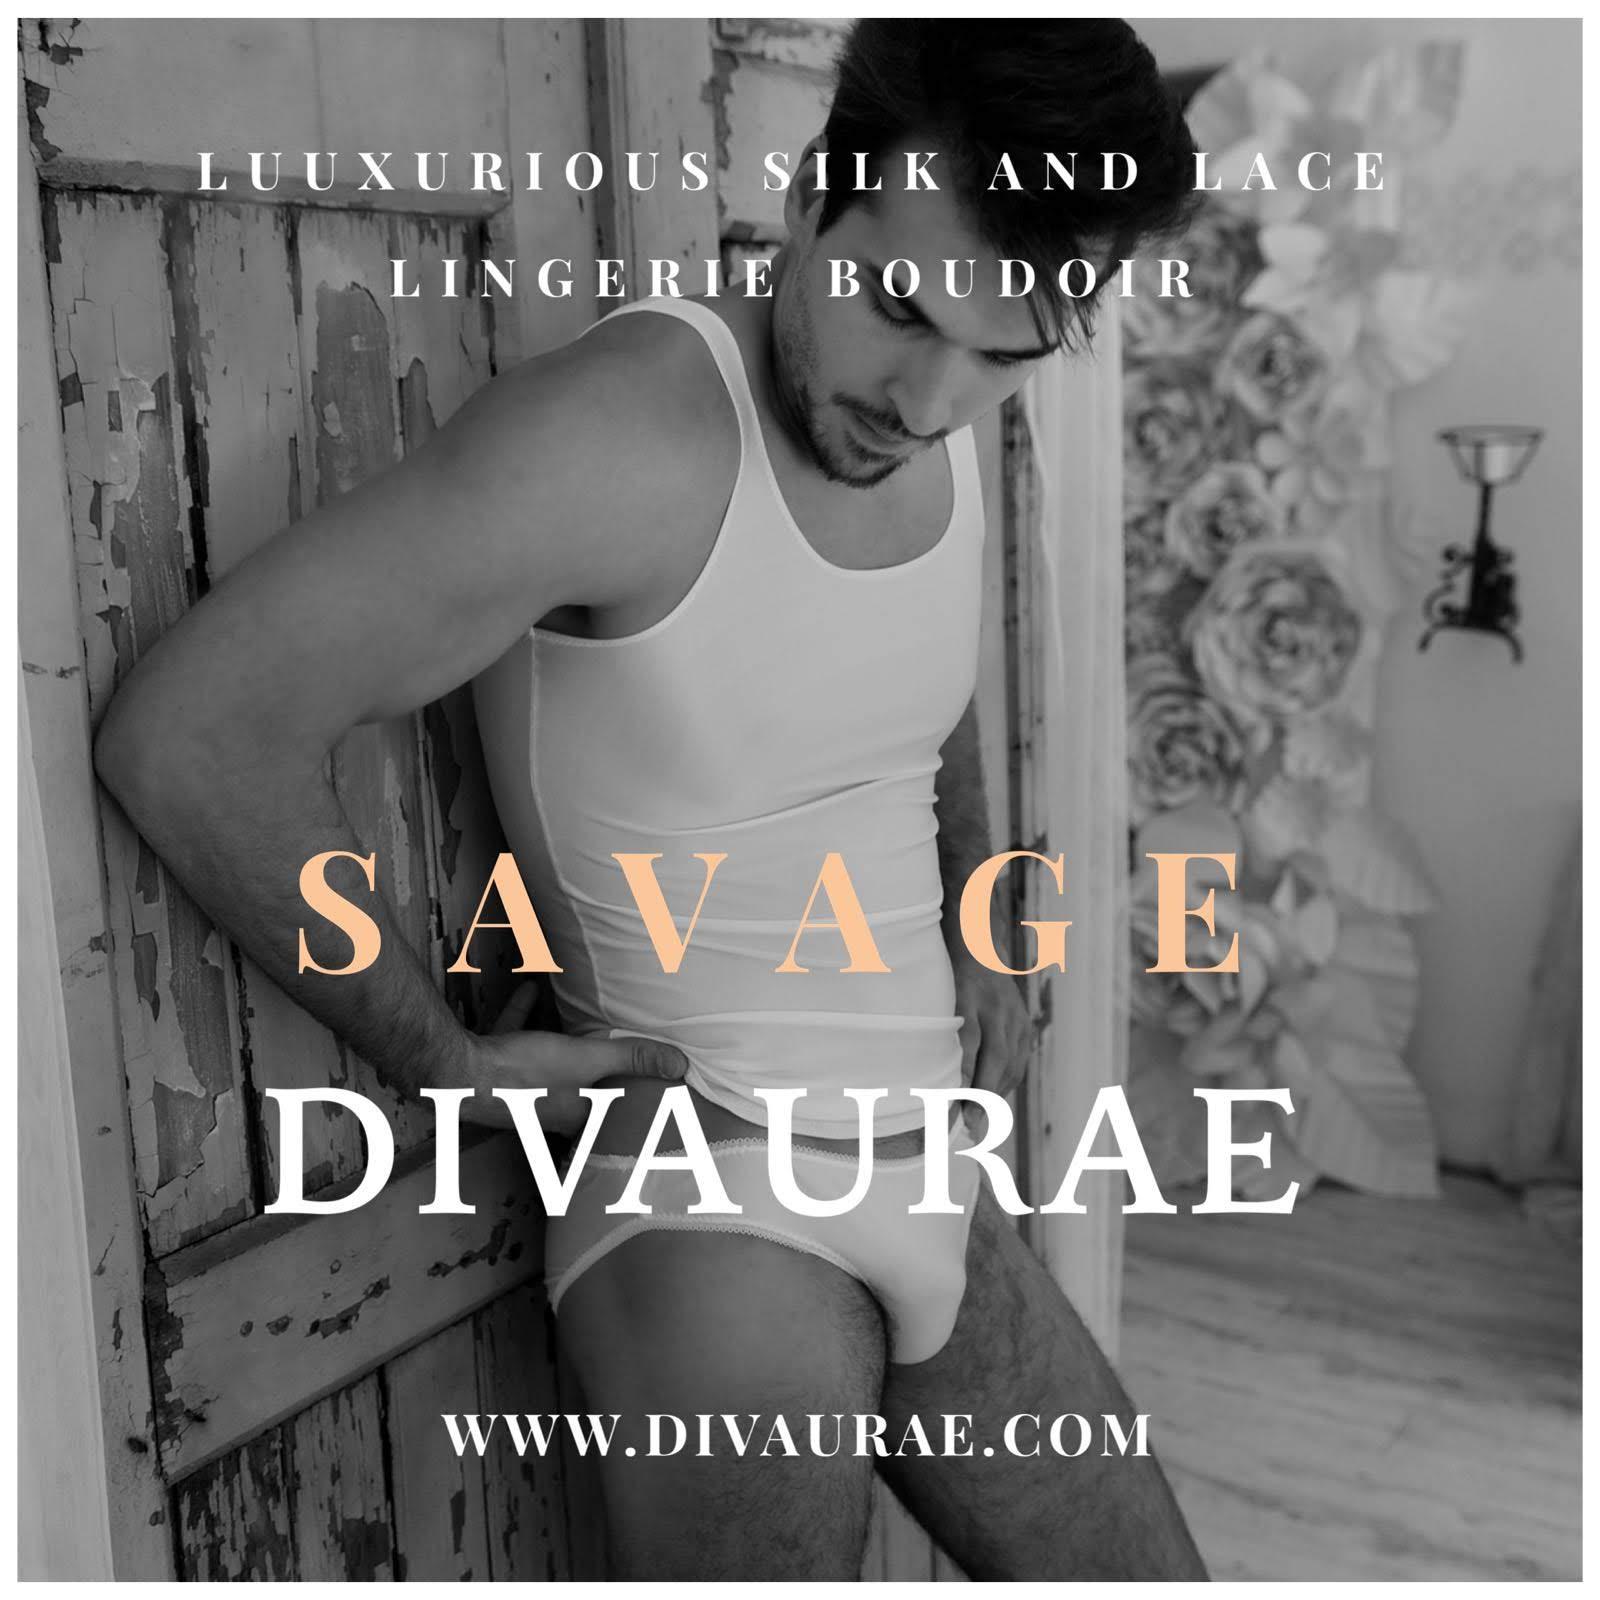 Divauare Savage